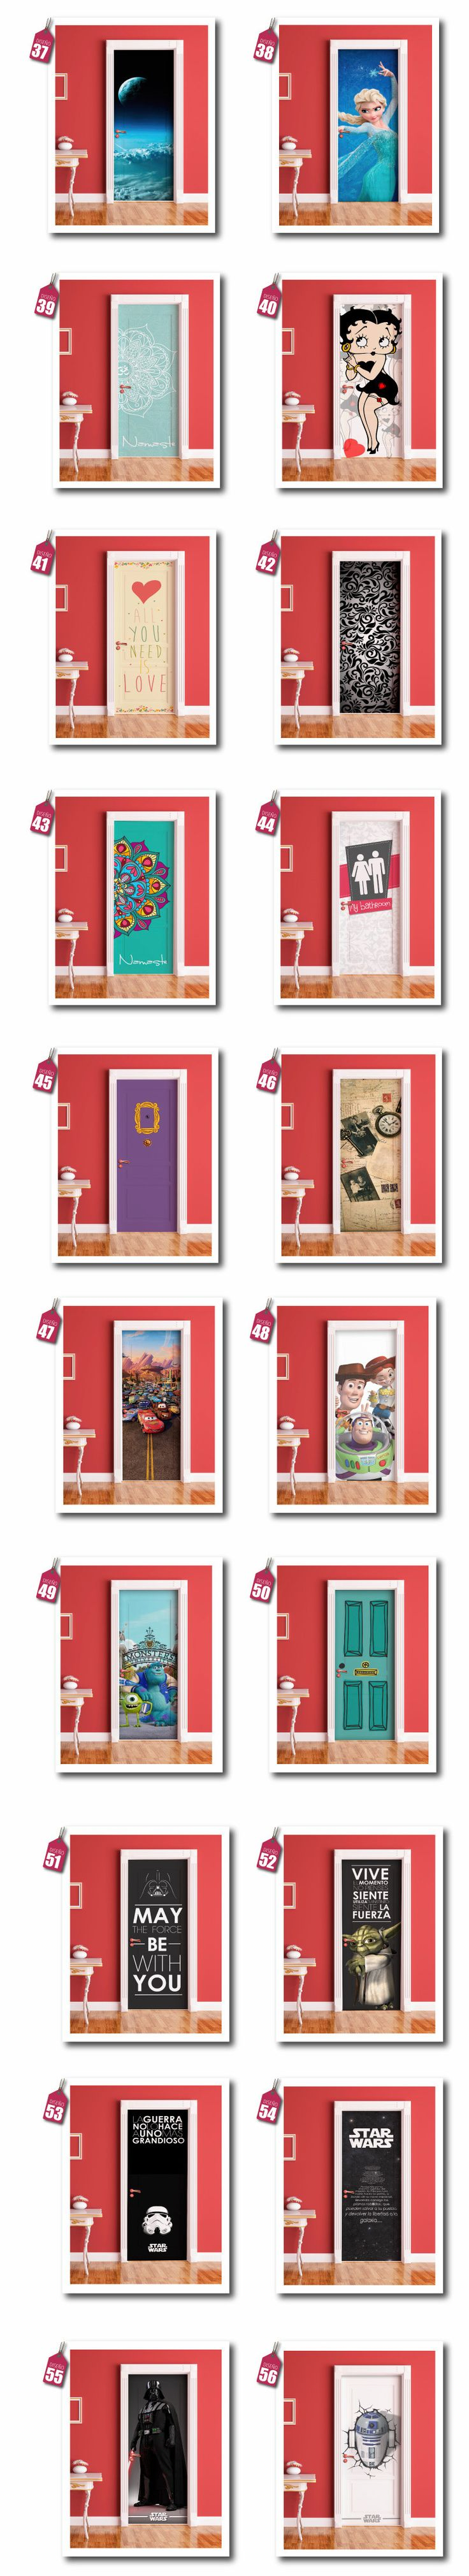 Vinilos Decorativos Para Puertas - Ploteos Personalizados - $ 490,00 en Mercado Libre